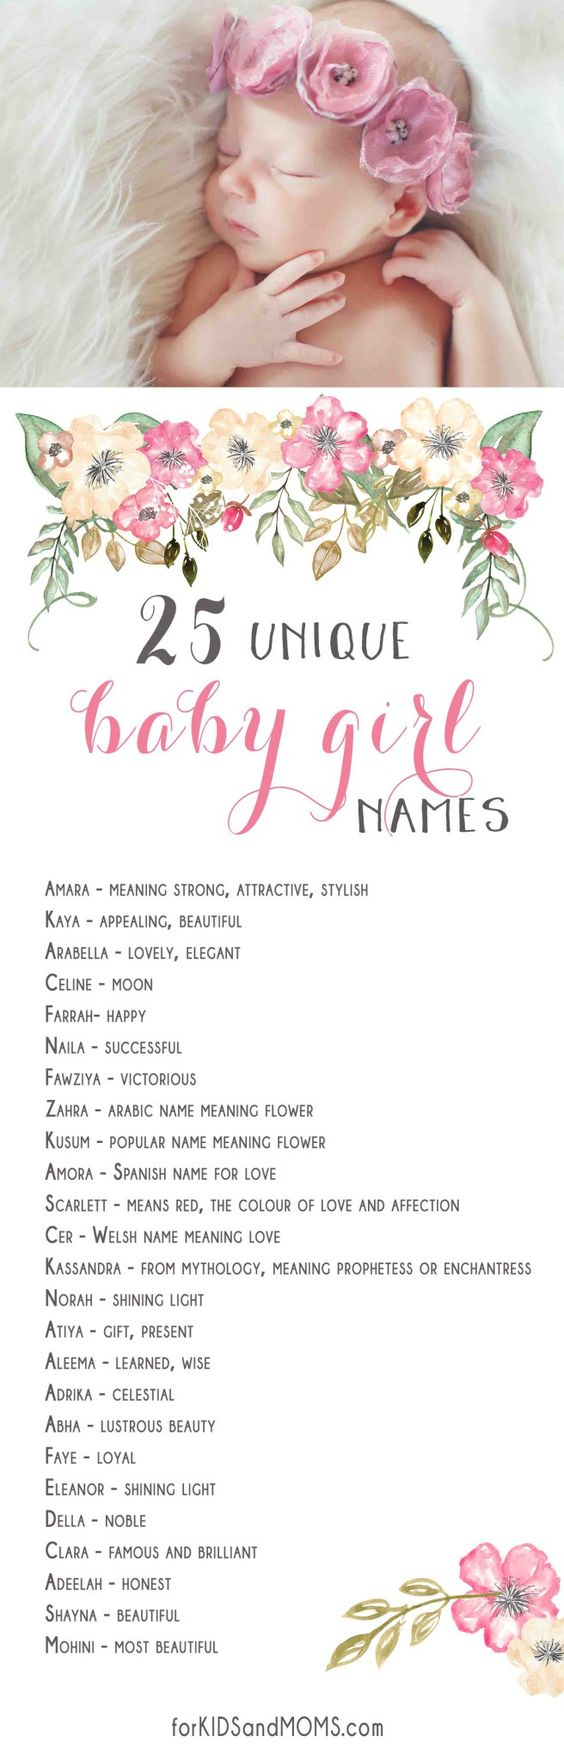 Girls names and meanings, Names and meanings and Baby girl